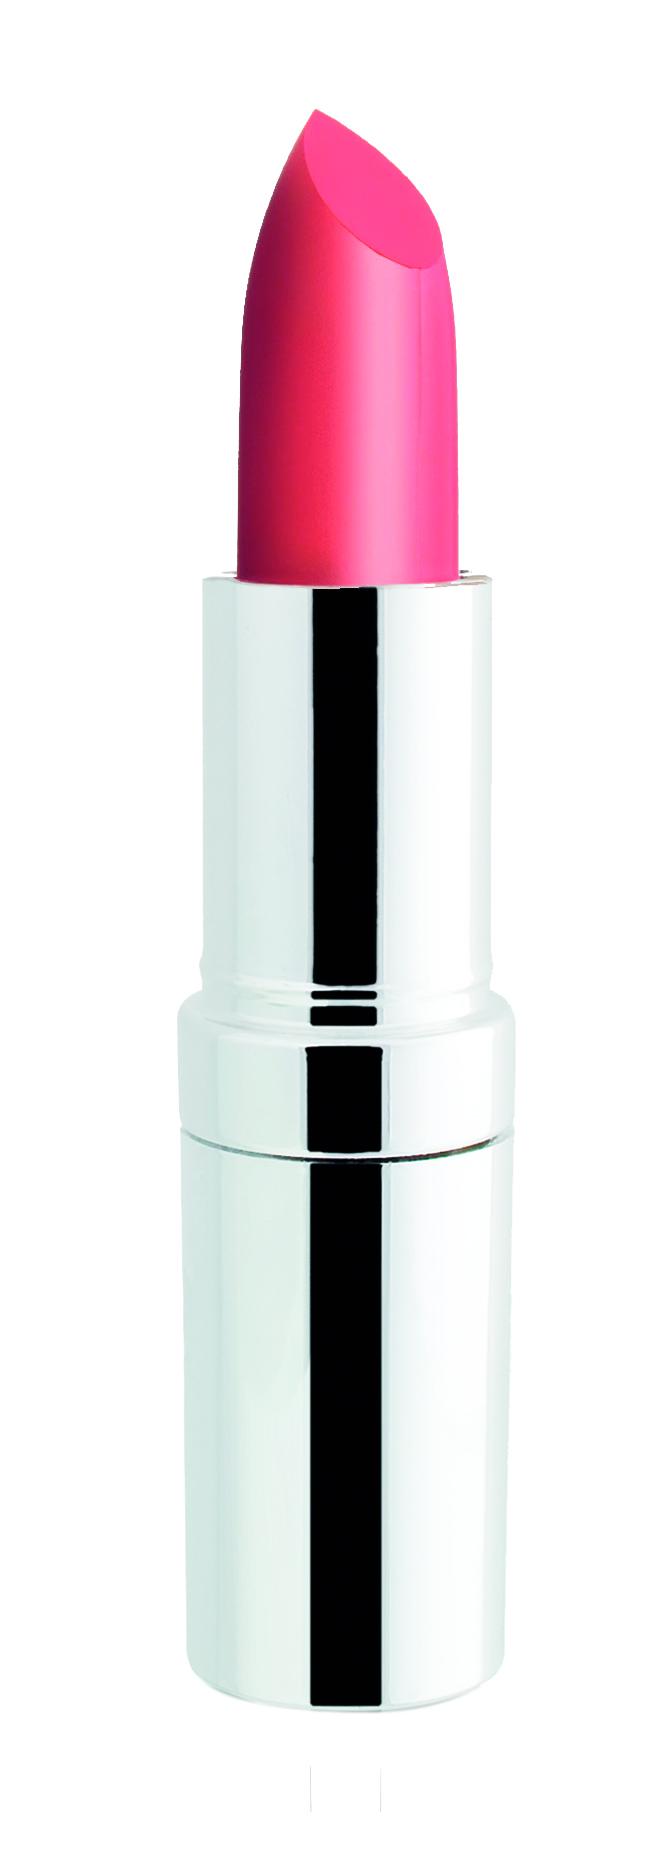 SEVENTEEN Помада губная устойчивая матовая SPF 15, 25 пастельный розовый / Matte Lasting Lipstick 5 г